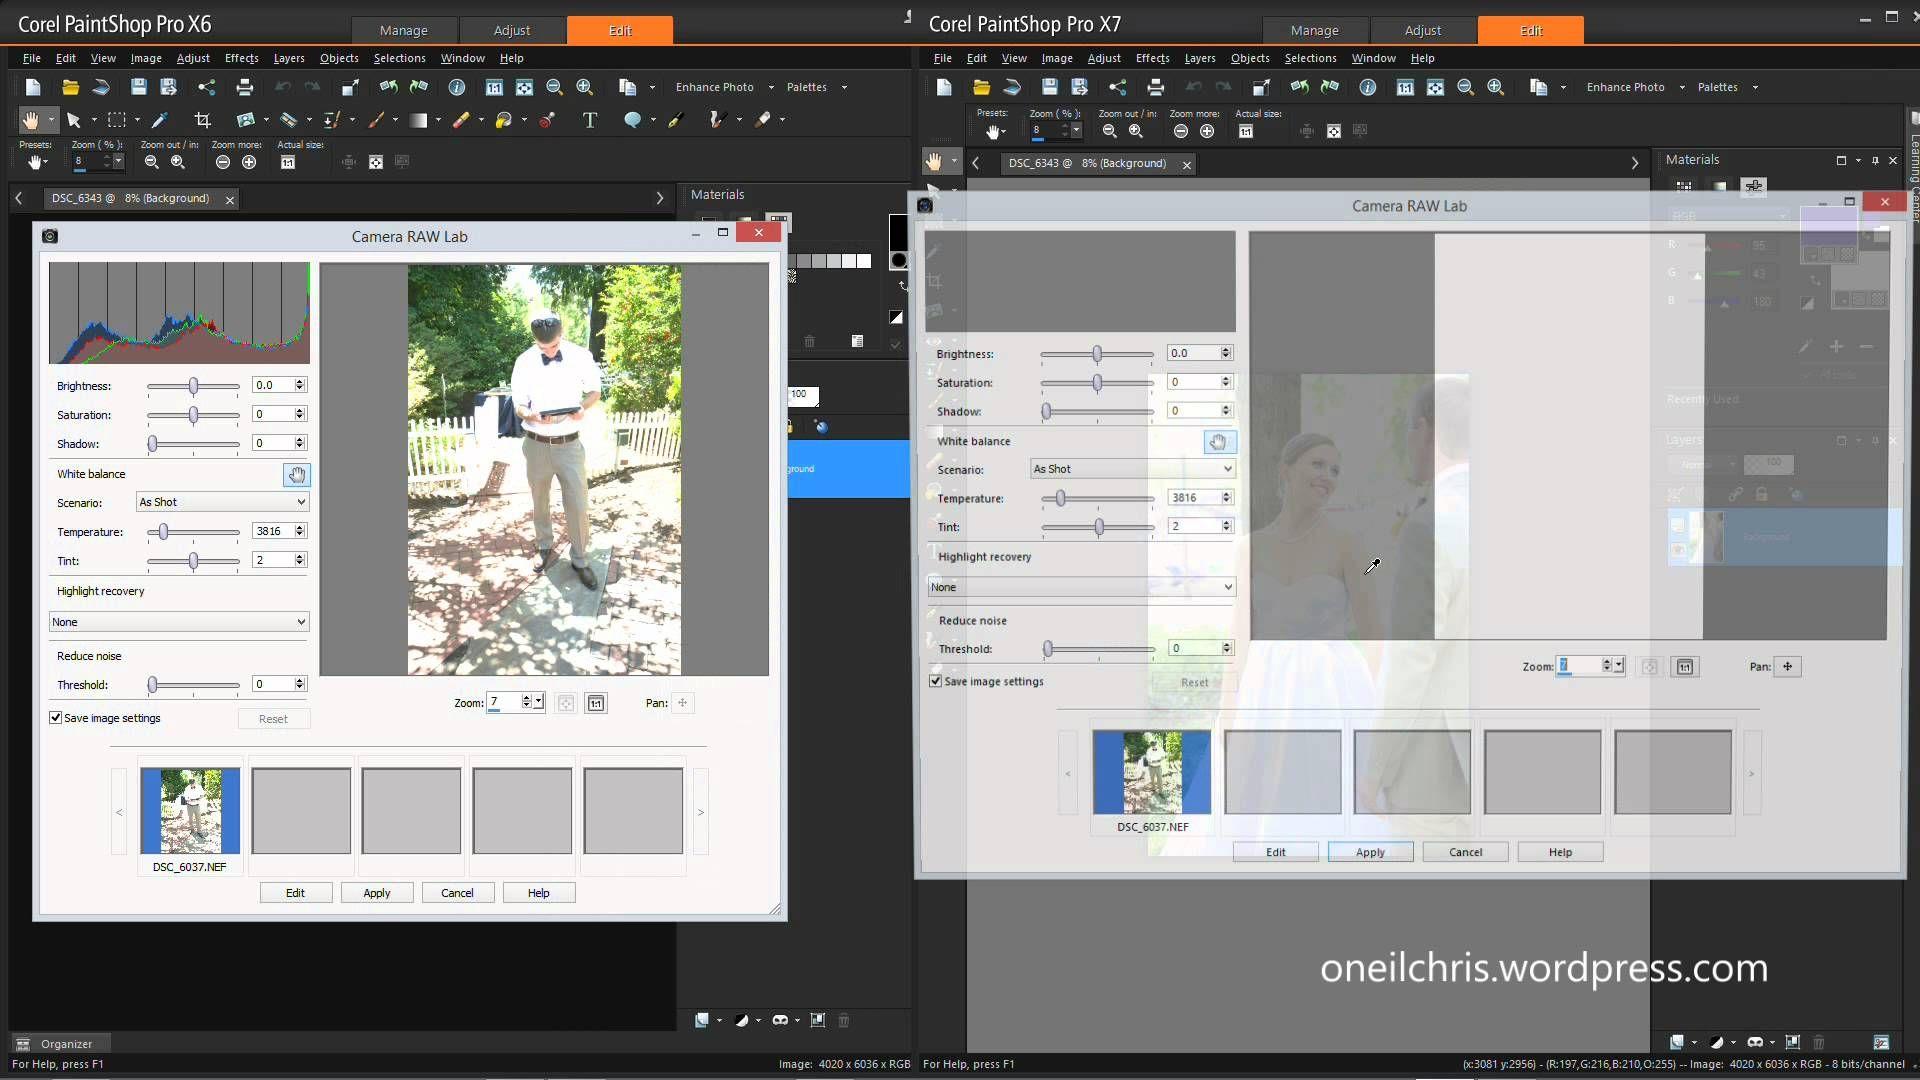 Fullsize Of Paintshop Pro X7